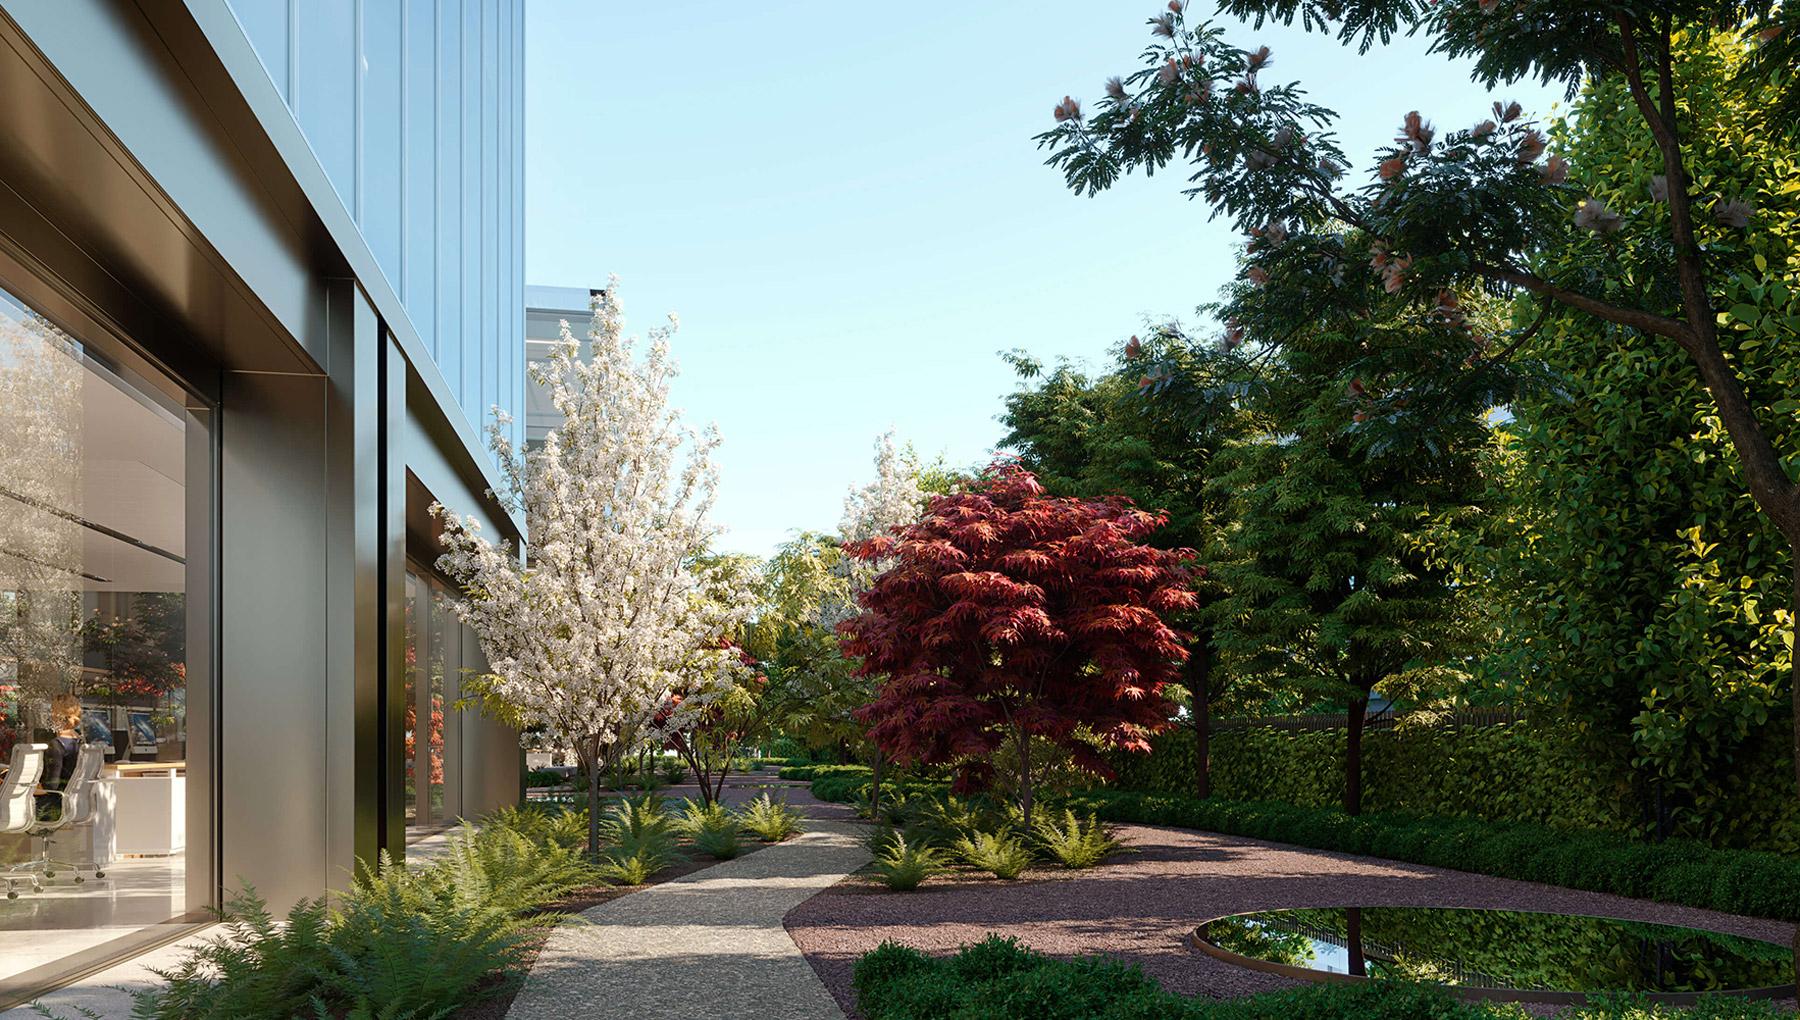 Árima encarga a Construcía el que será su proyecto estrella de oficinas sostenibles